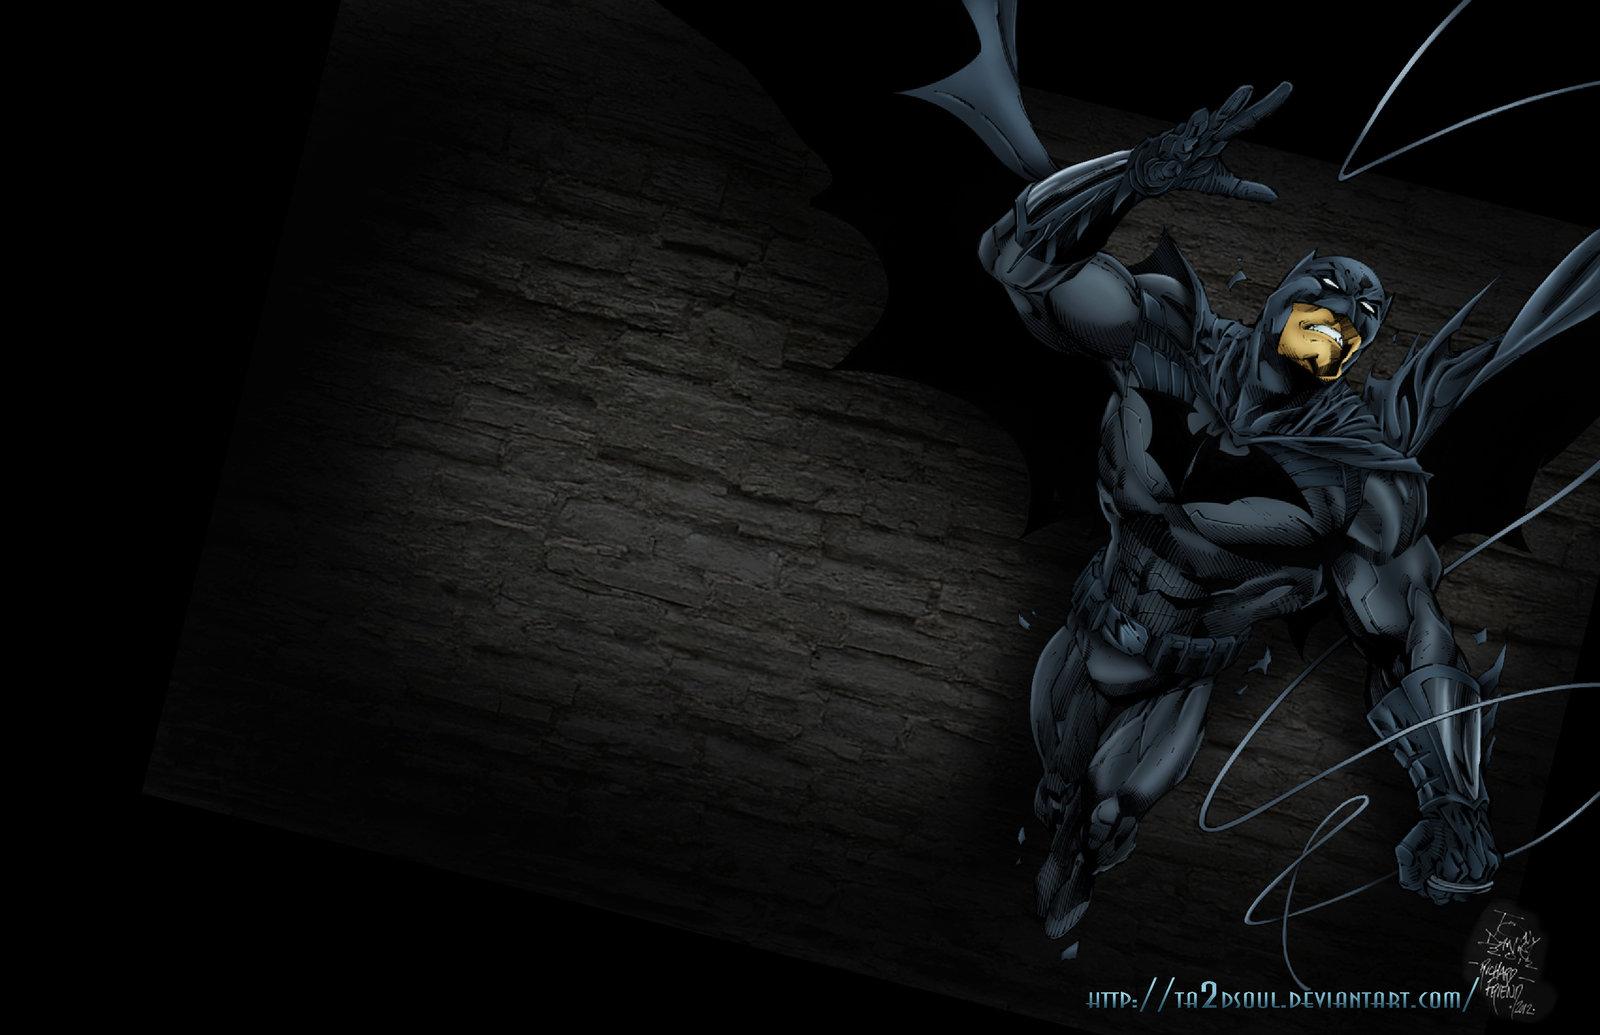 Batman Wallpaper by Ta2dsoul 1600x1035